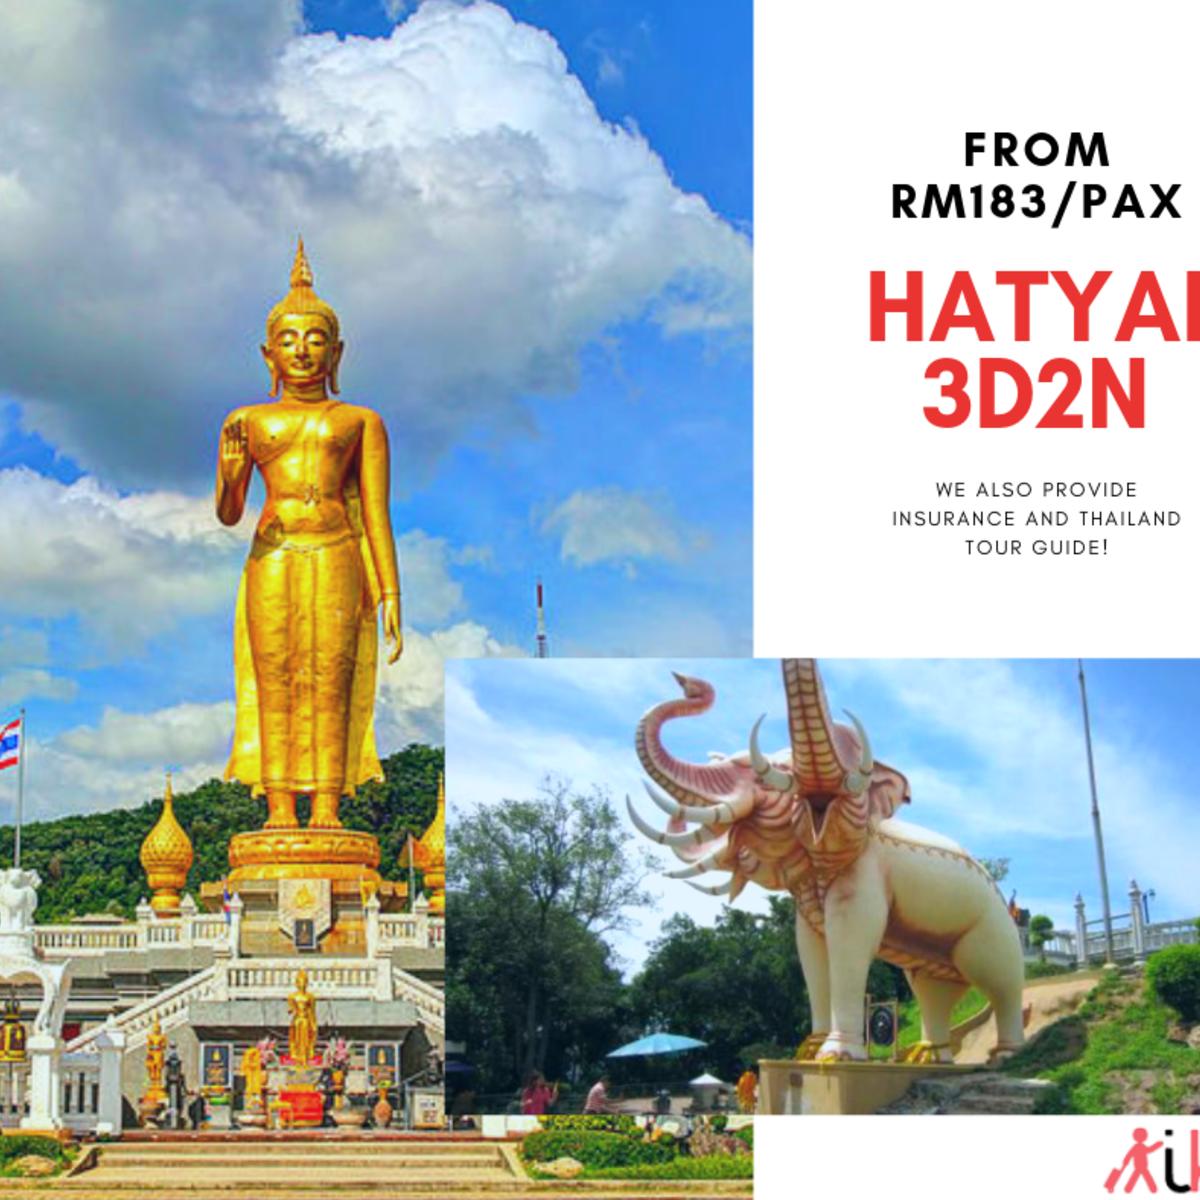 Hatyai3